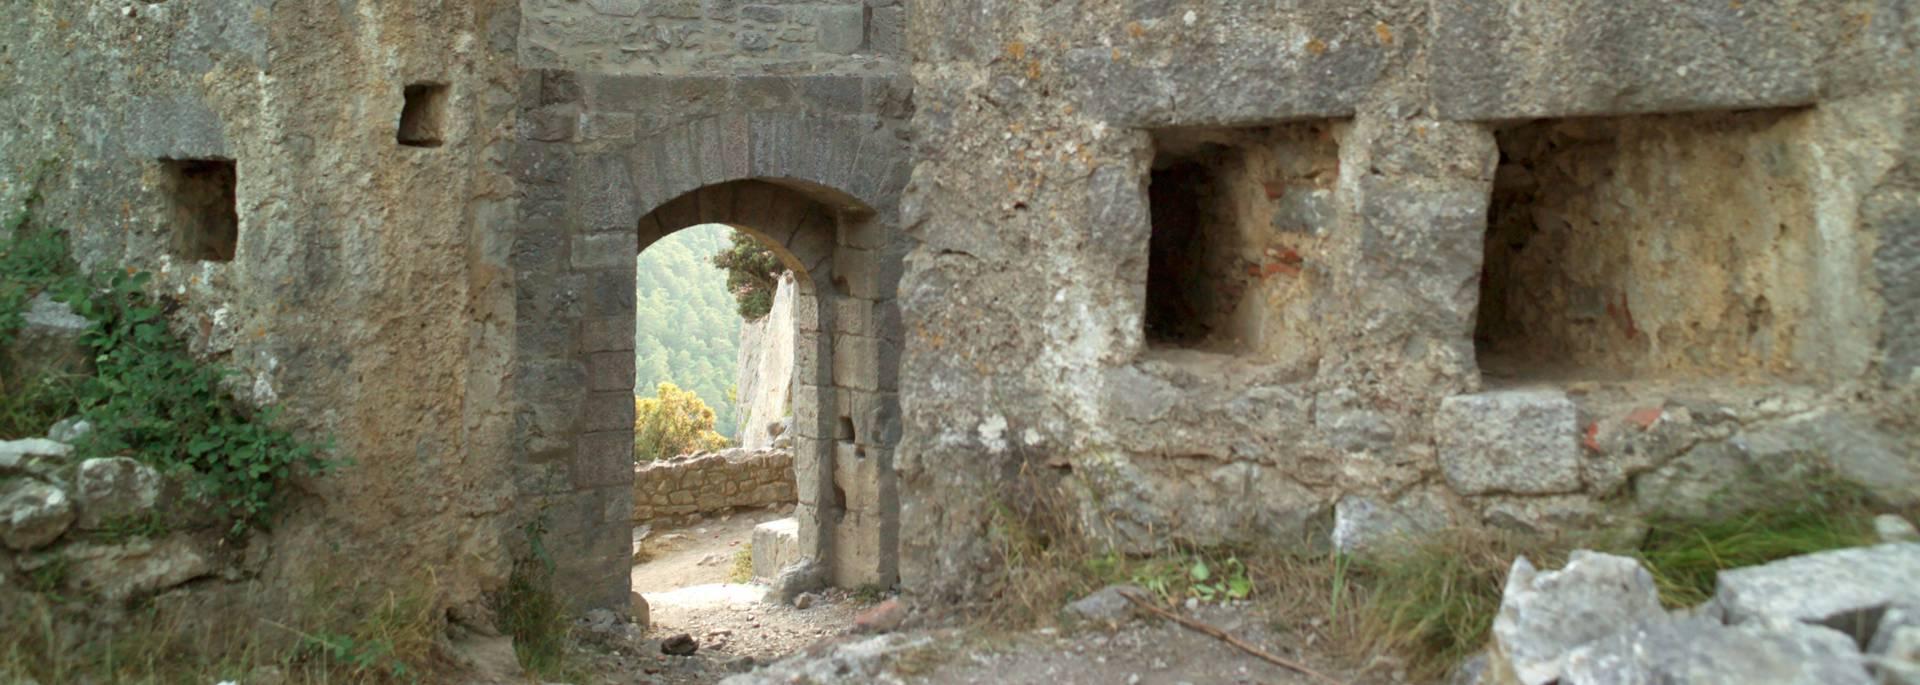 Die Burg Puilaurens